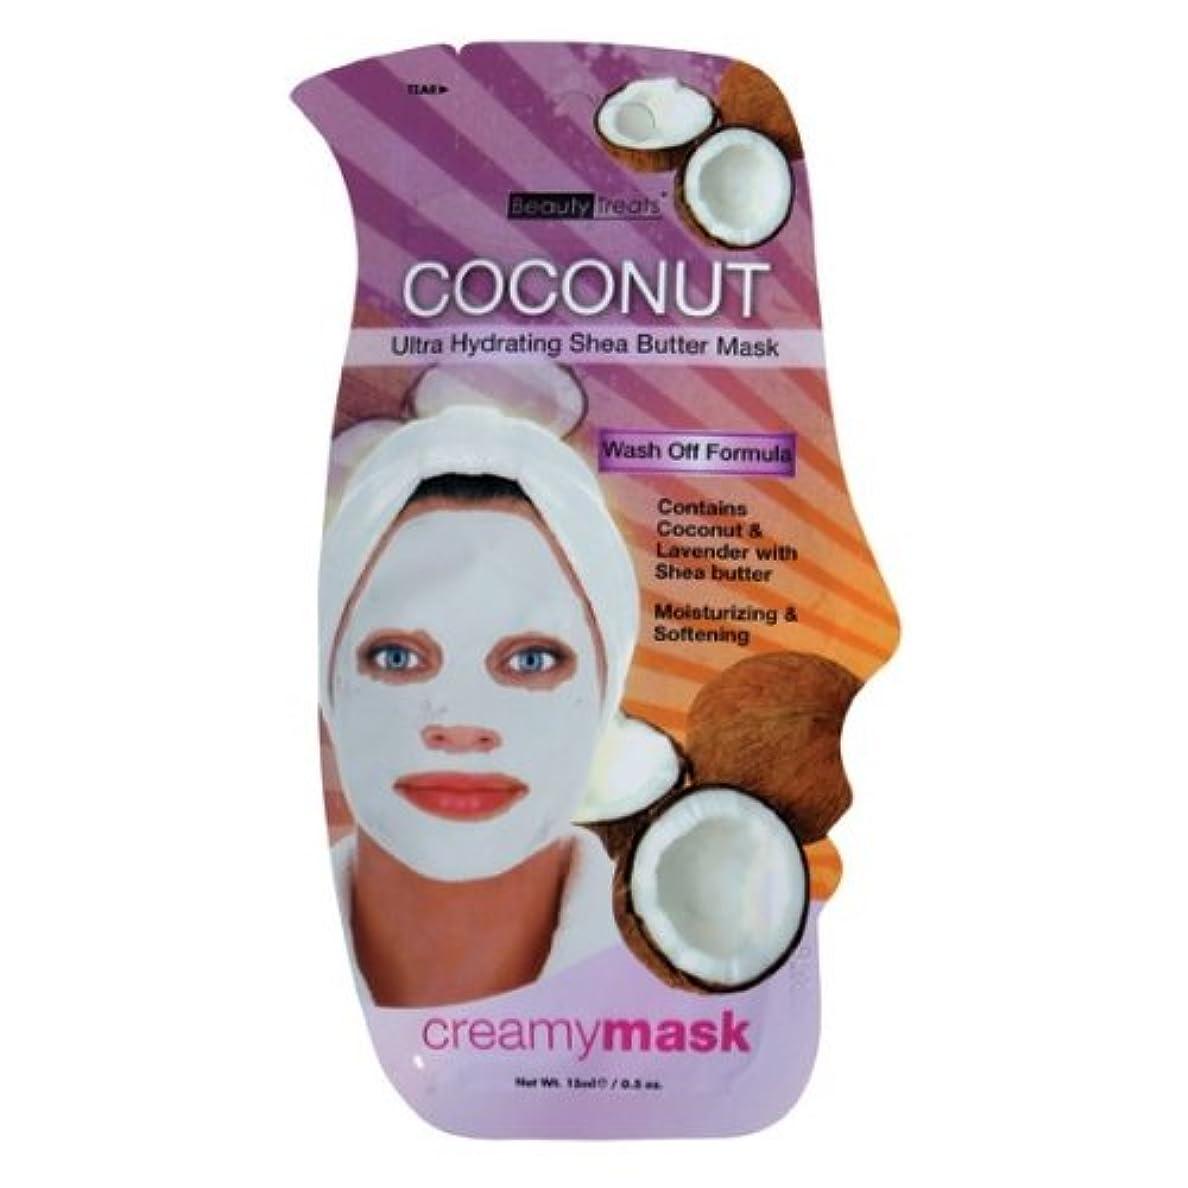 つぼみチートデータベース(3 Pack) BEAUTY TREATS Coconut Ultra Hydrating Shea Butter Mask - Coconut (並行輸入品)